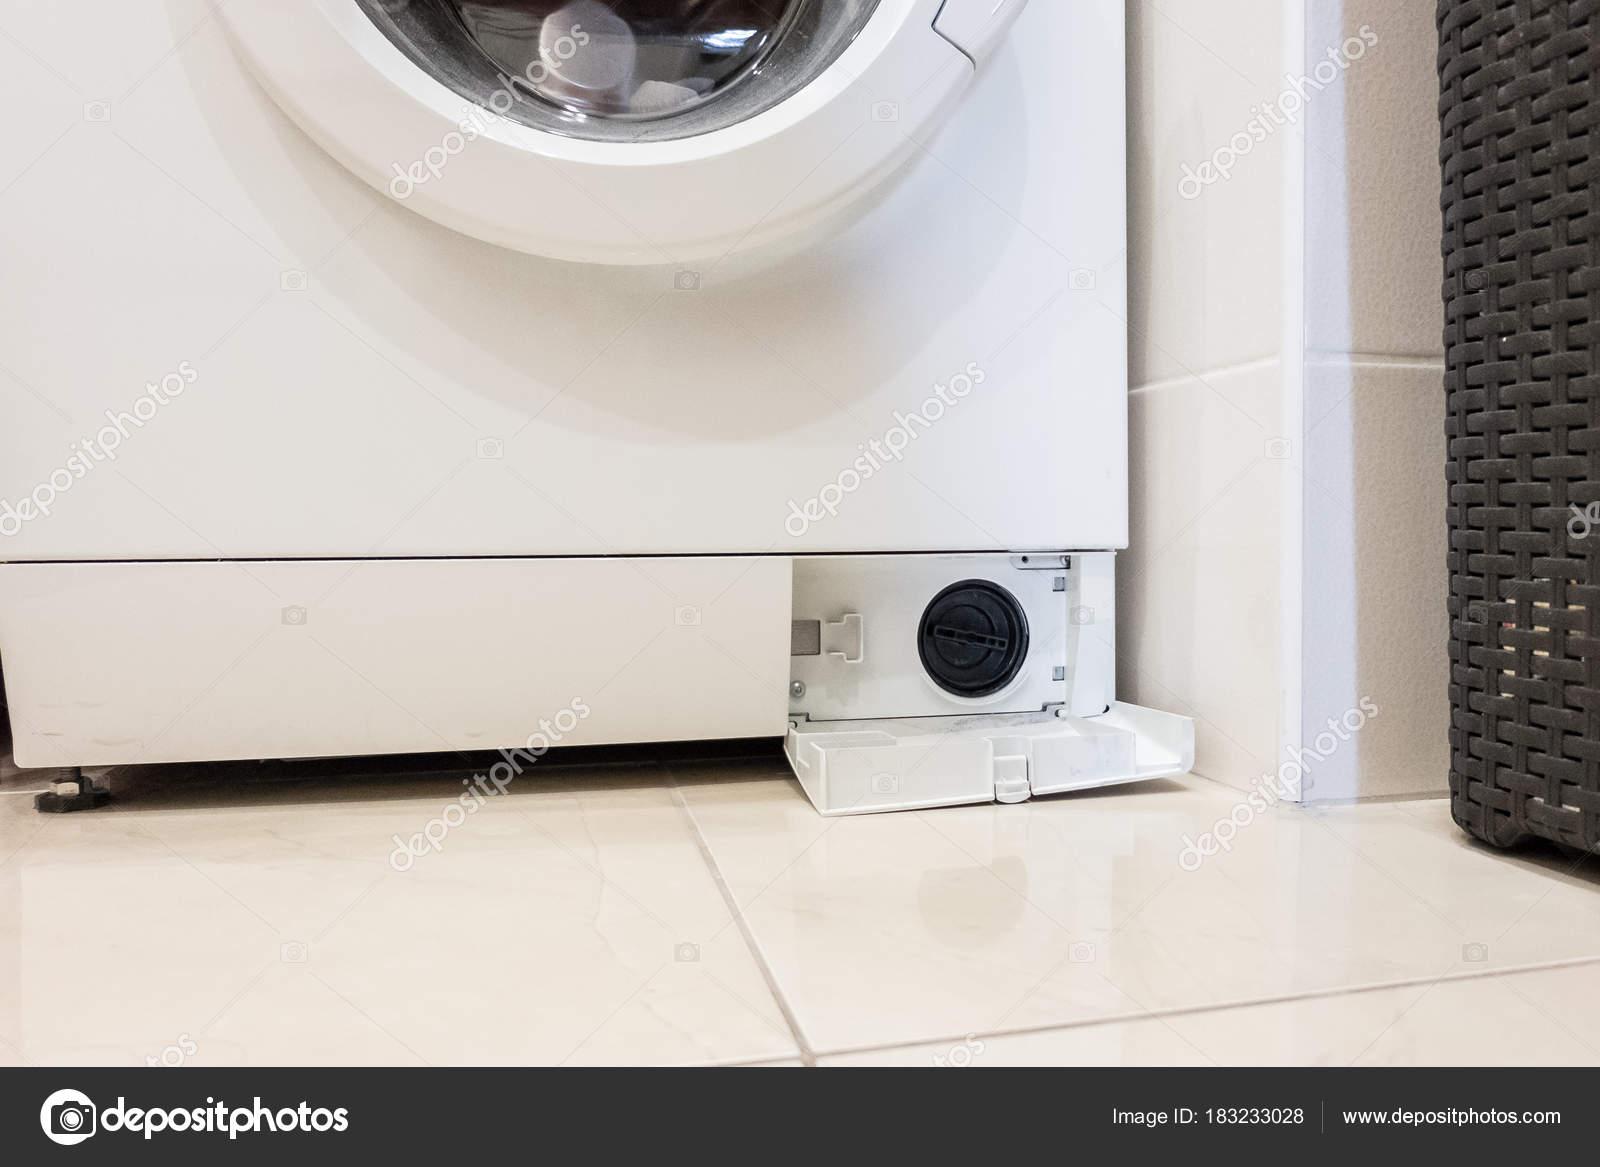 Waschmaschine Bad Mit Tür Und Filter U2014 Stockfoto